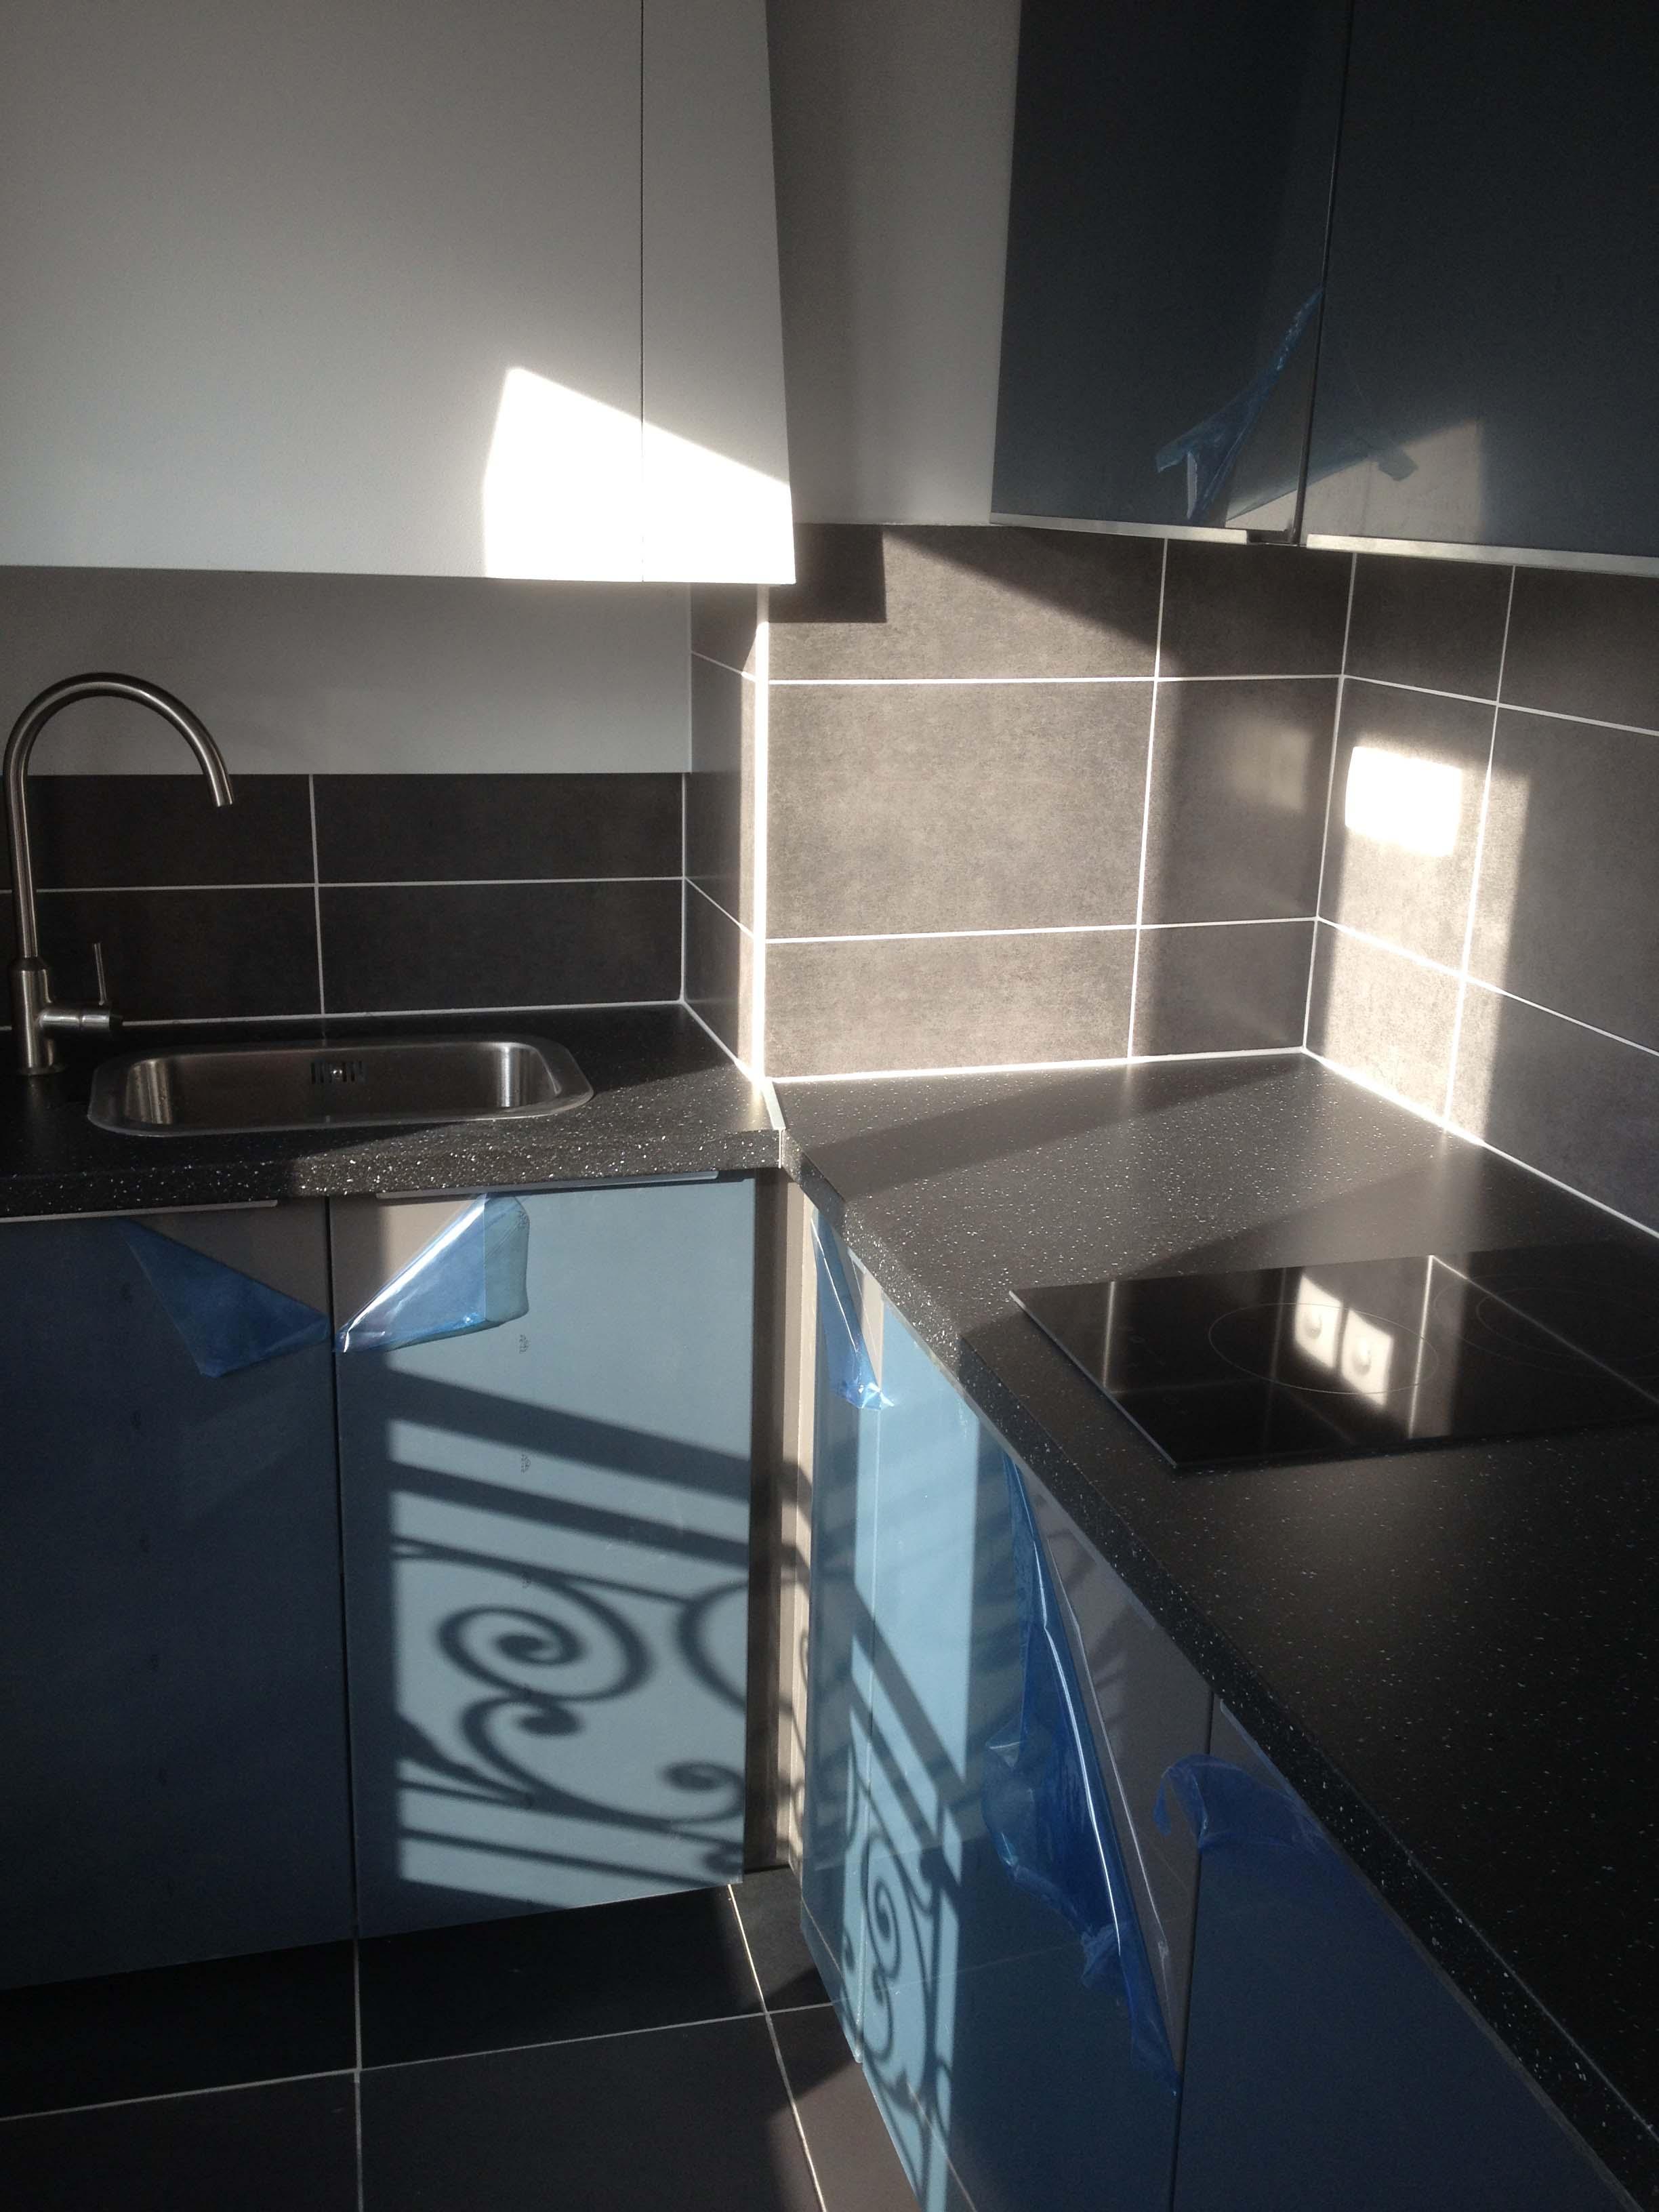 Rénovation cuisine Neuilly-sur-Seine - Travaux après * BTP-Design®